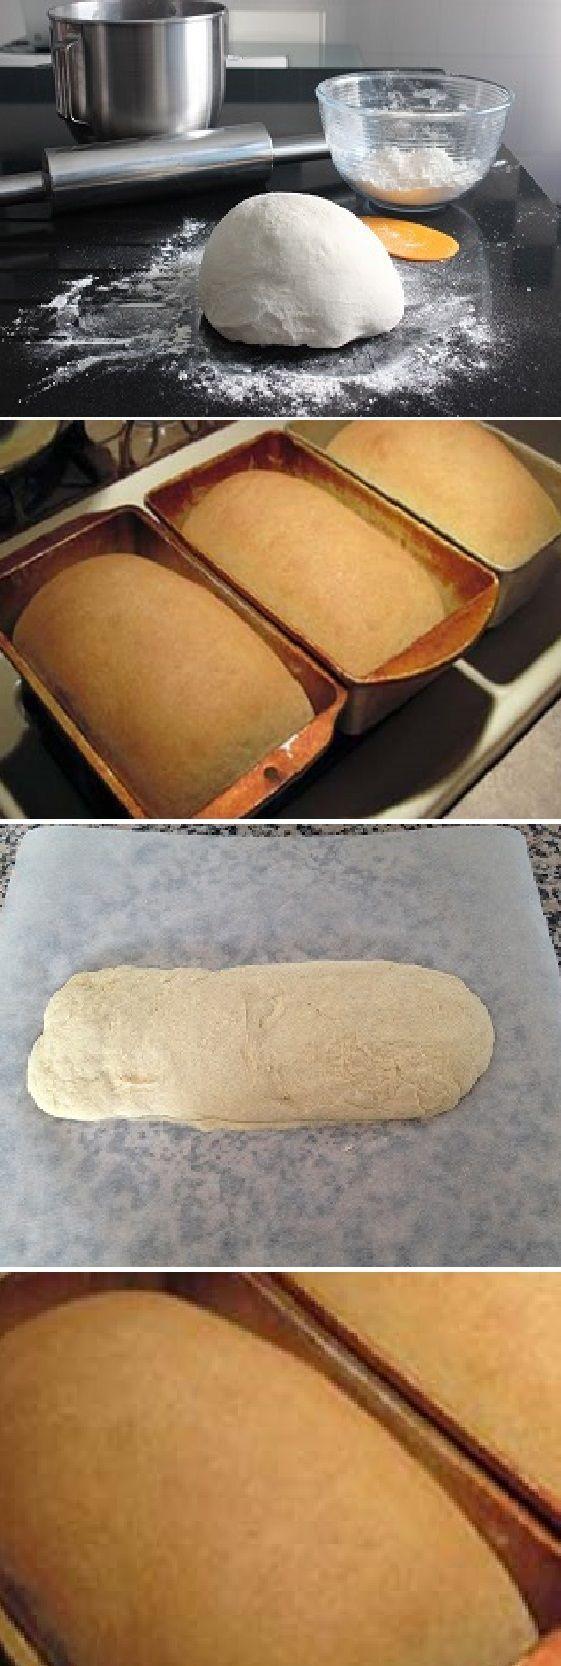 Recetas de pan casero: Mezcla todos los ingredientes con una máquina de pan o mezclador para obtener una mezcla homogénea. En el caso de que decidas mezclarlos a mano, debe mezclar todos los ingredientes excepto l...